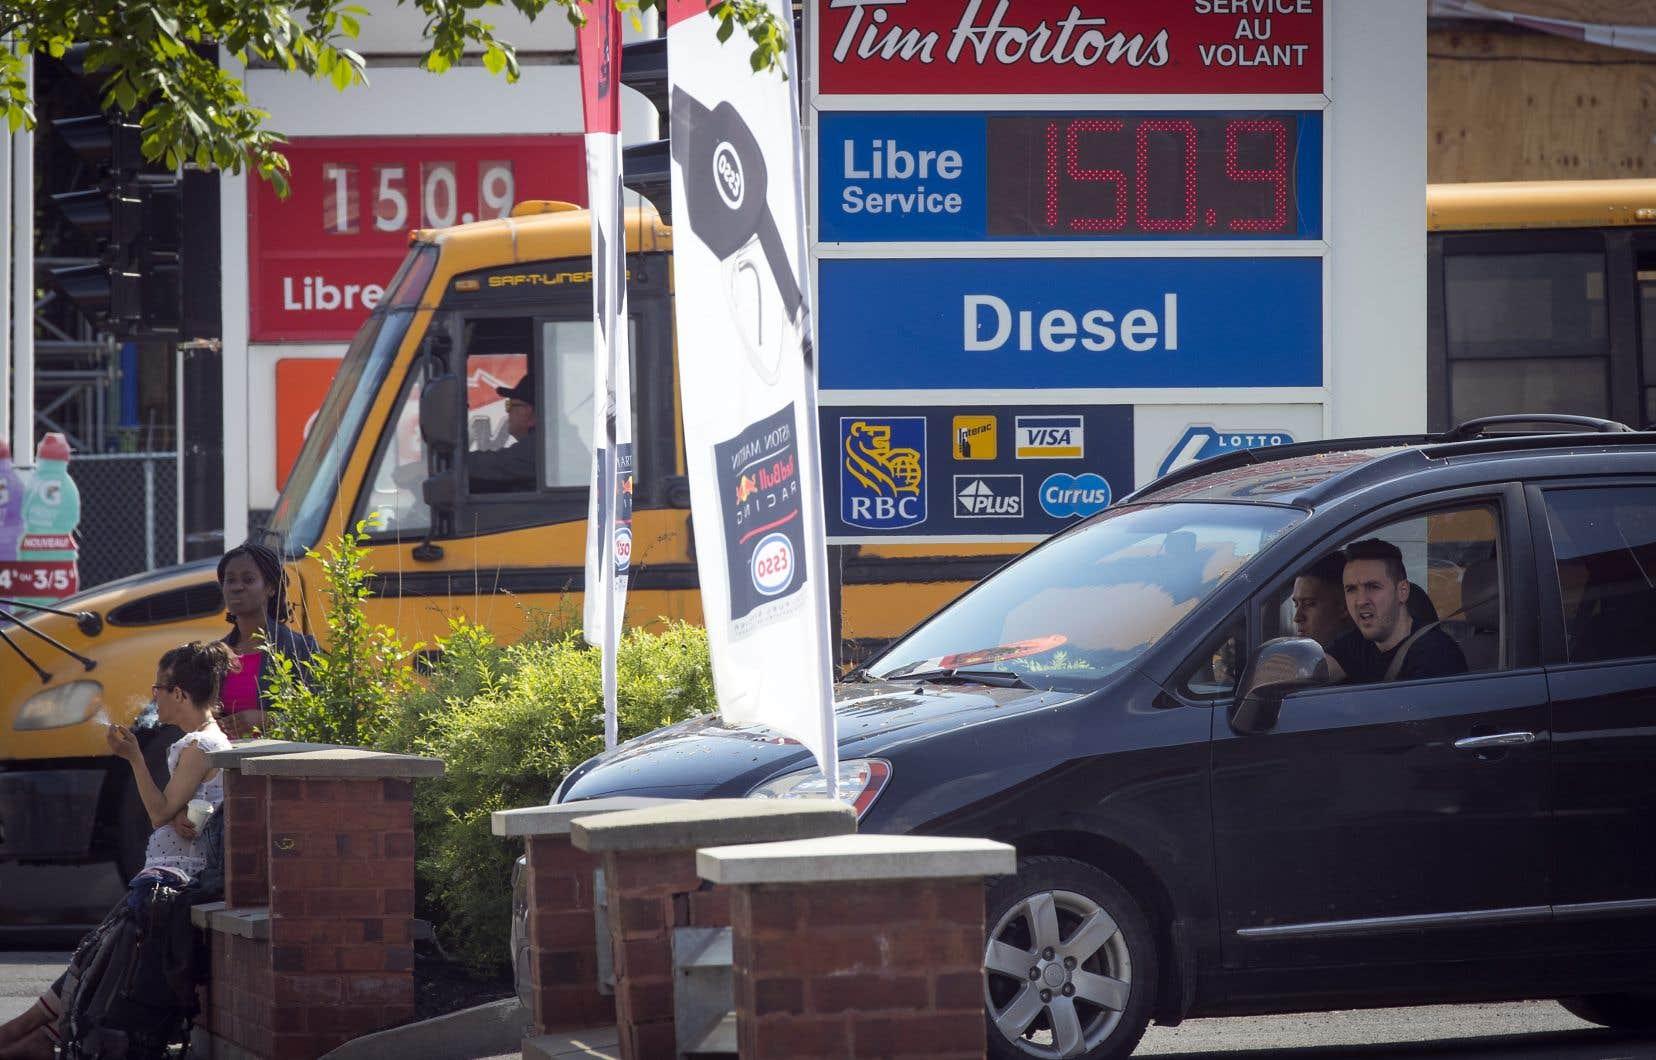 Le prix de l'essence a dépassé le seuil de 1,50$ le litre d'ordinaire, à Montréal, mercredi.